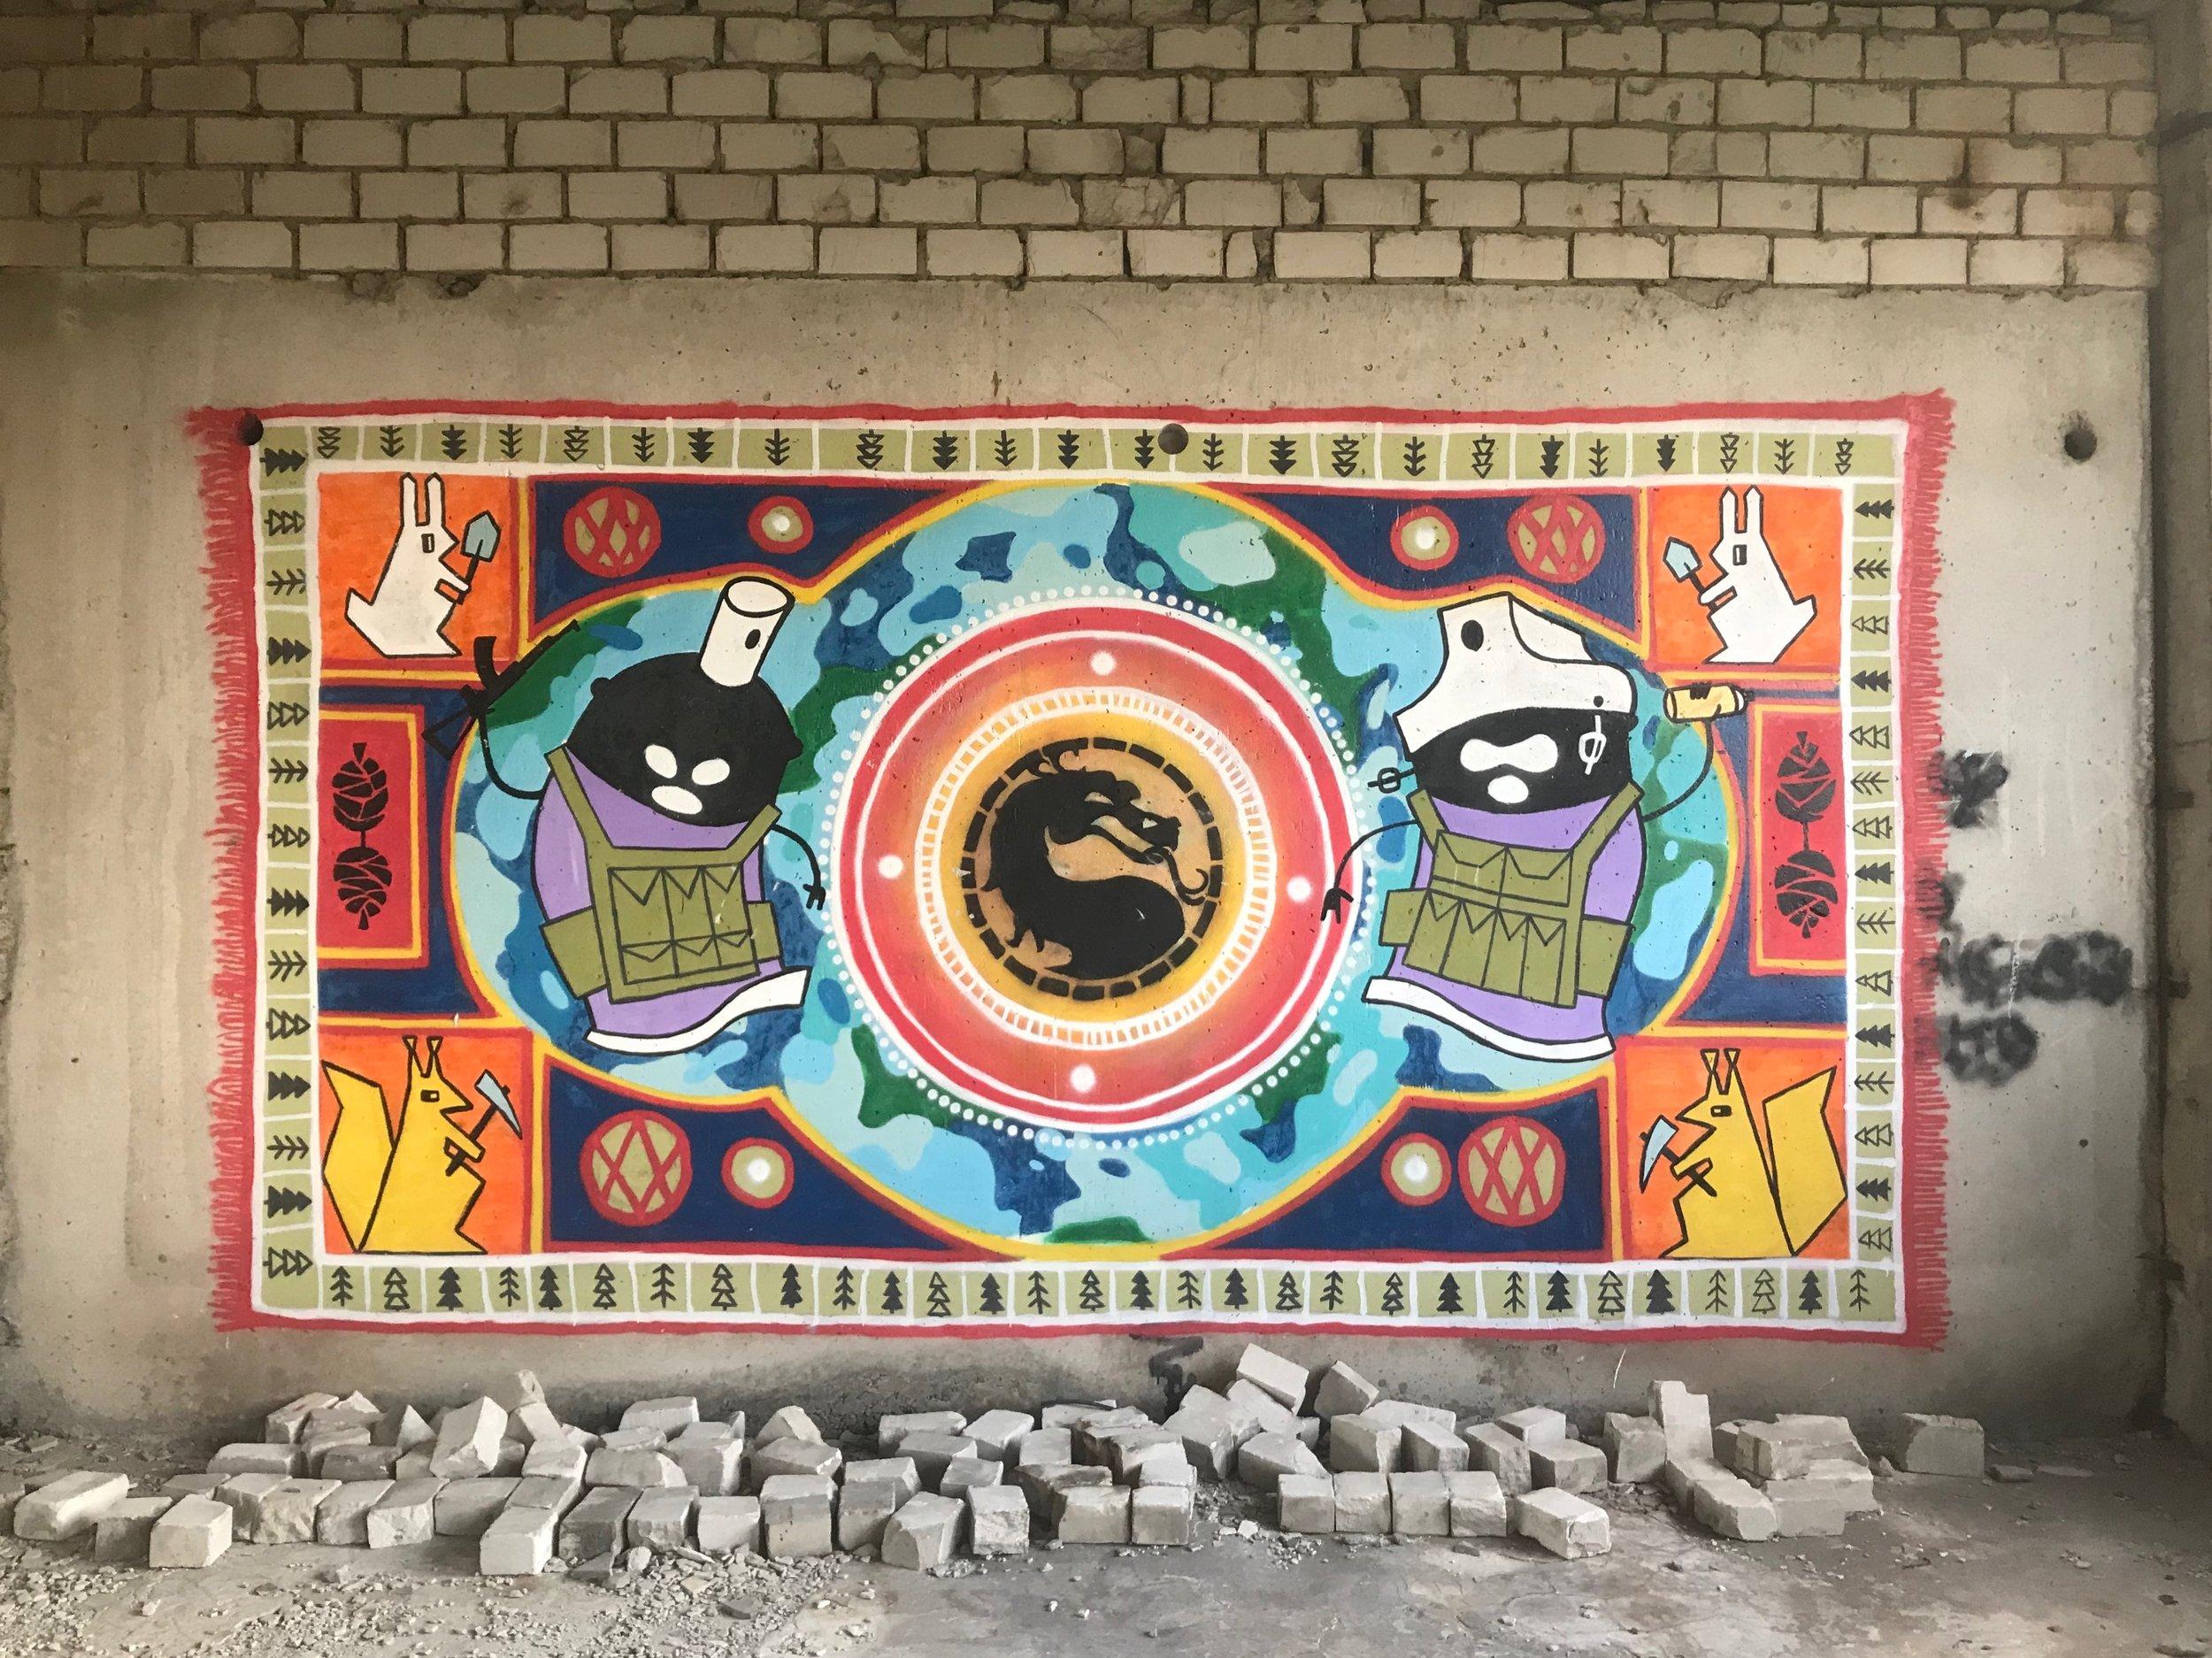 Graffiti mural by local art group LKD: Luhansk Contemporary Diaspora, Severodonetsk